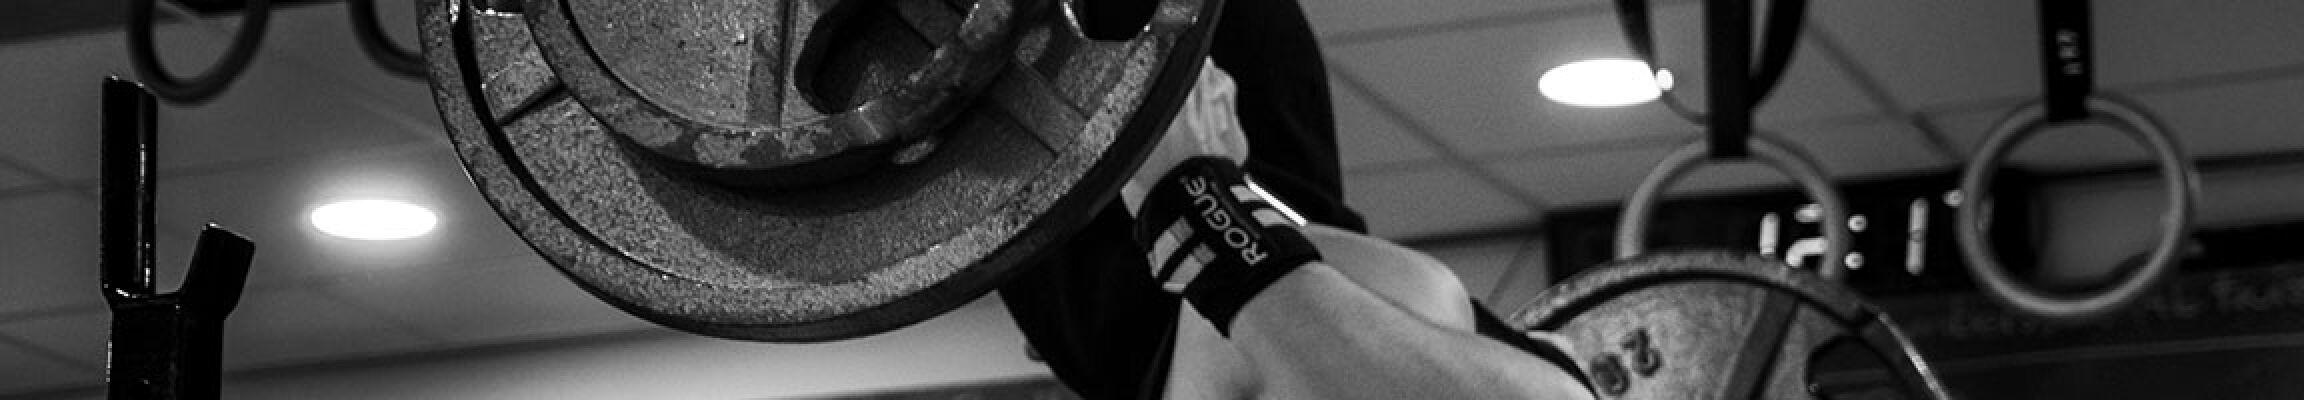 Grundübungen für Muskelaufbau - Das sind die Vorteile